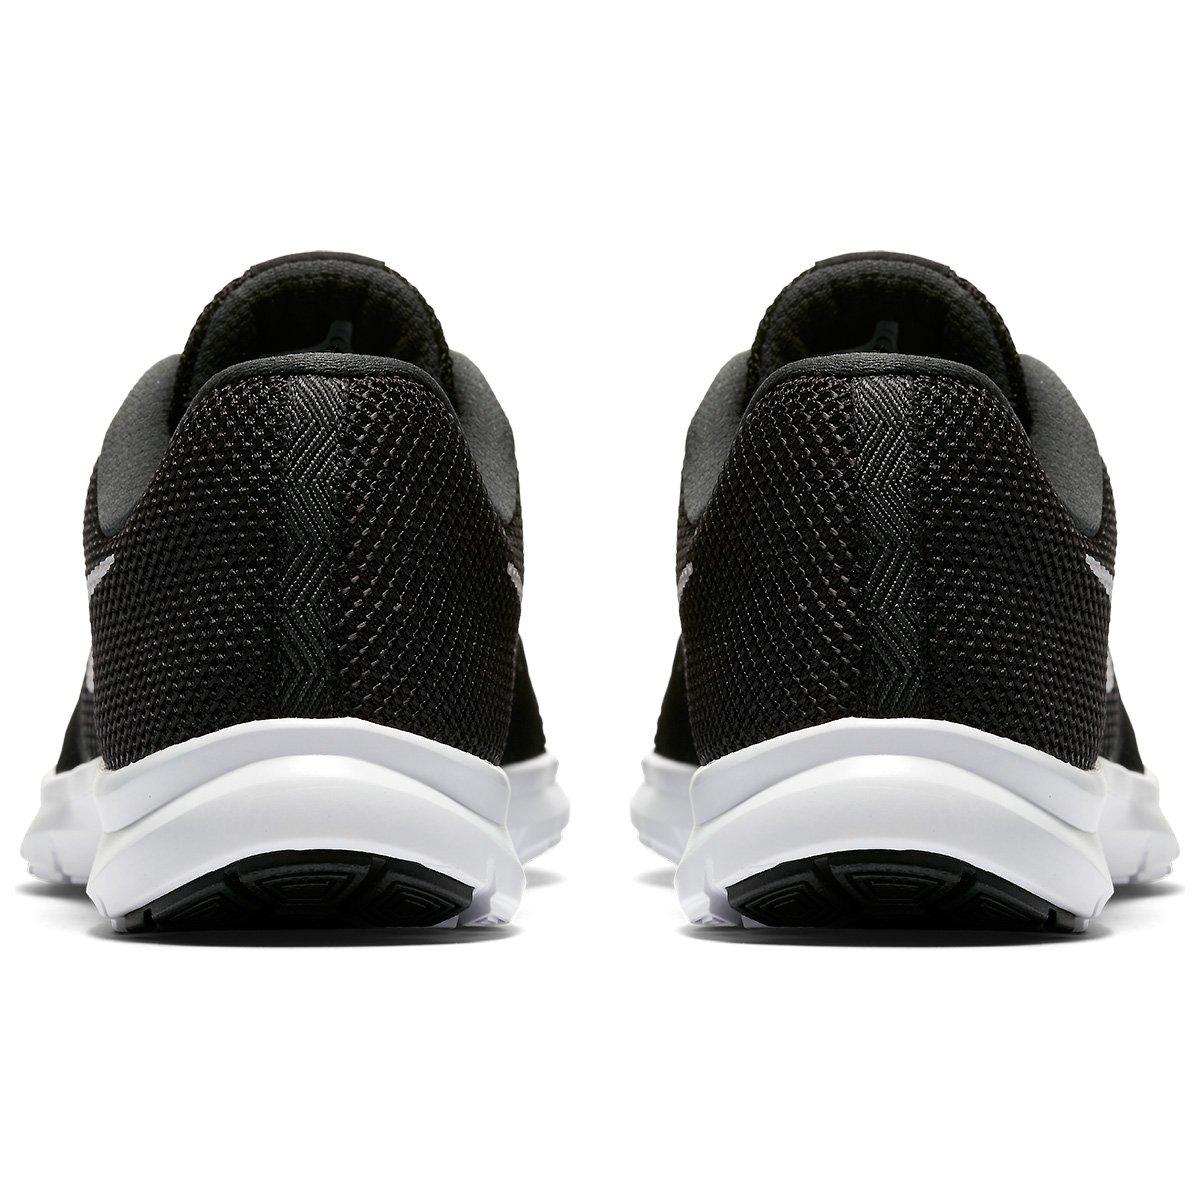 Tênis Nike Flex Bijoux Feminino - Preto e Branco - Compre Agora ... 3467ef93c4c66